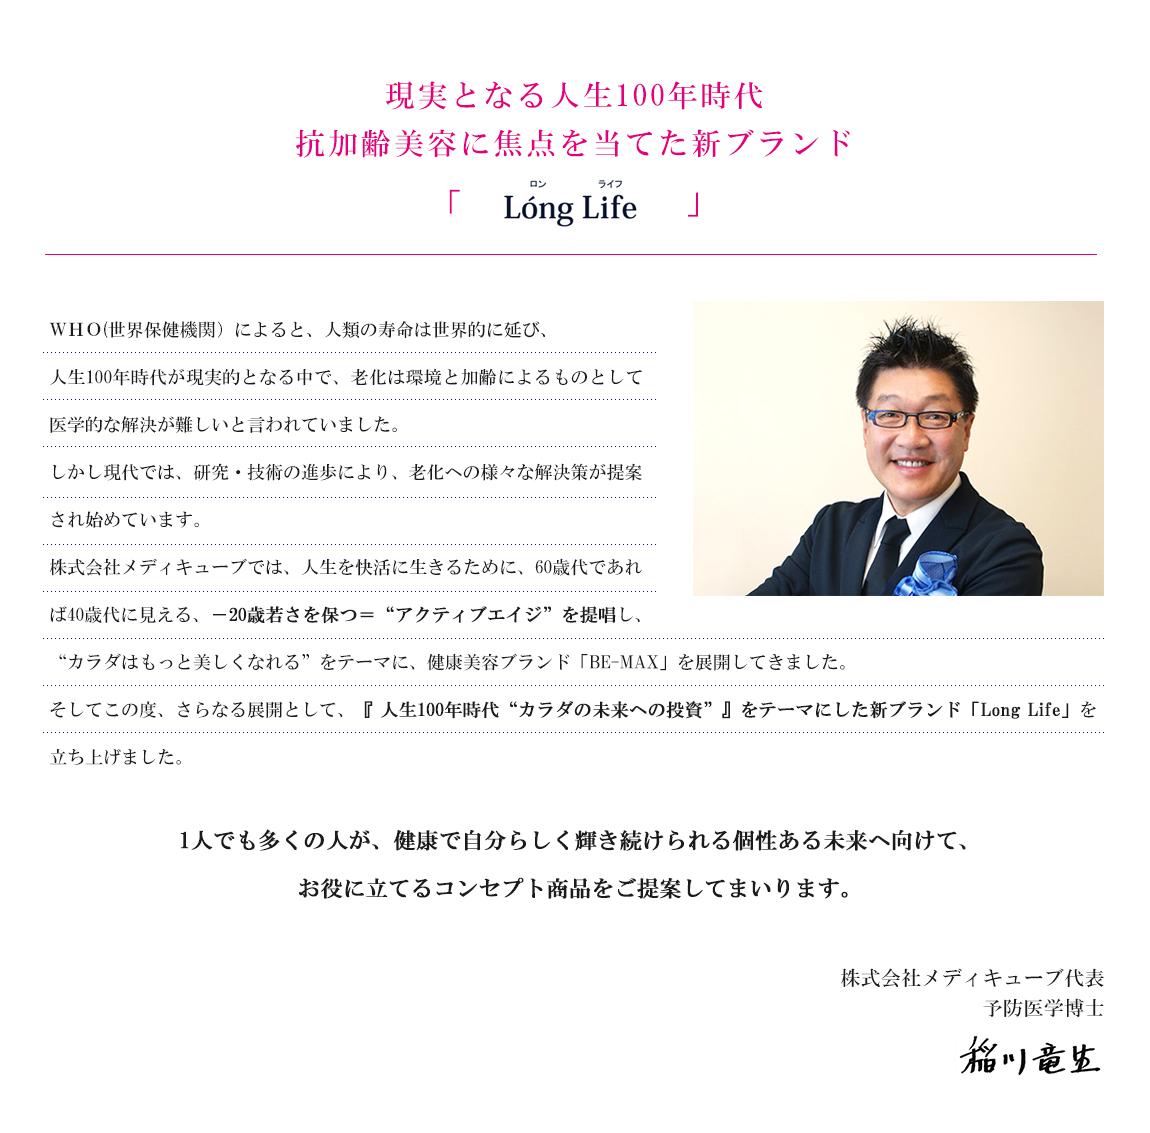 株式会社メディキューブ代表 予防医学博士 稲川竜生 ご挨拶